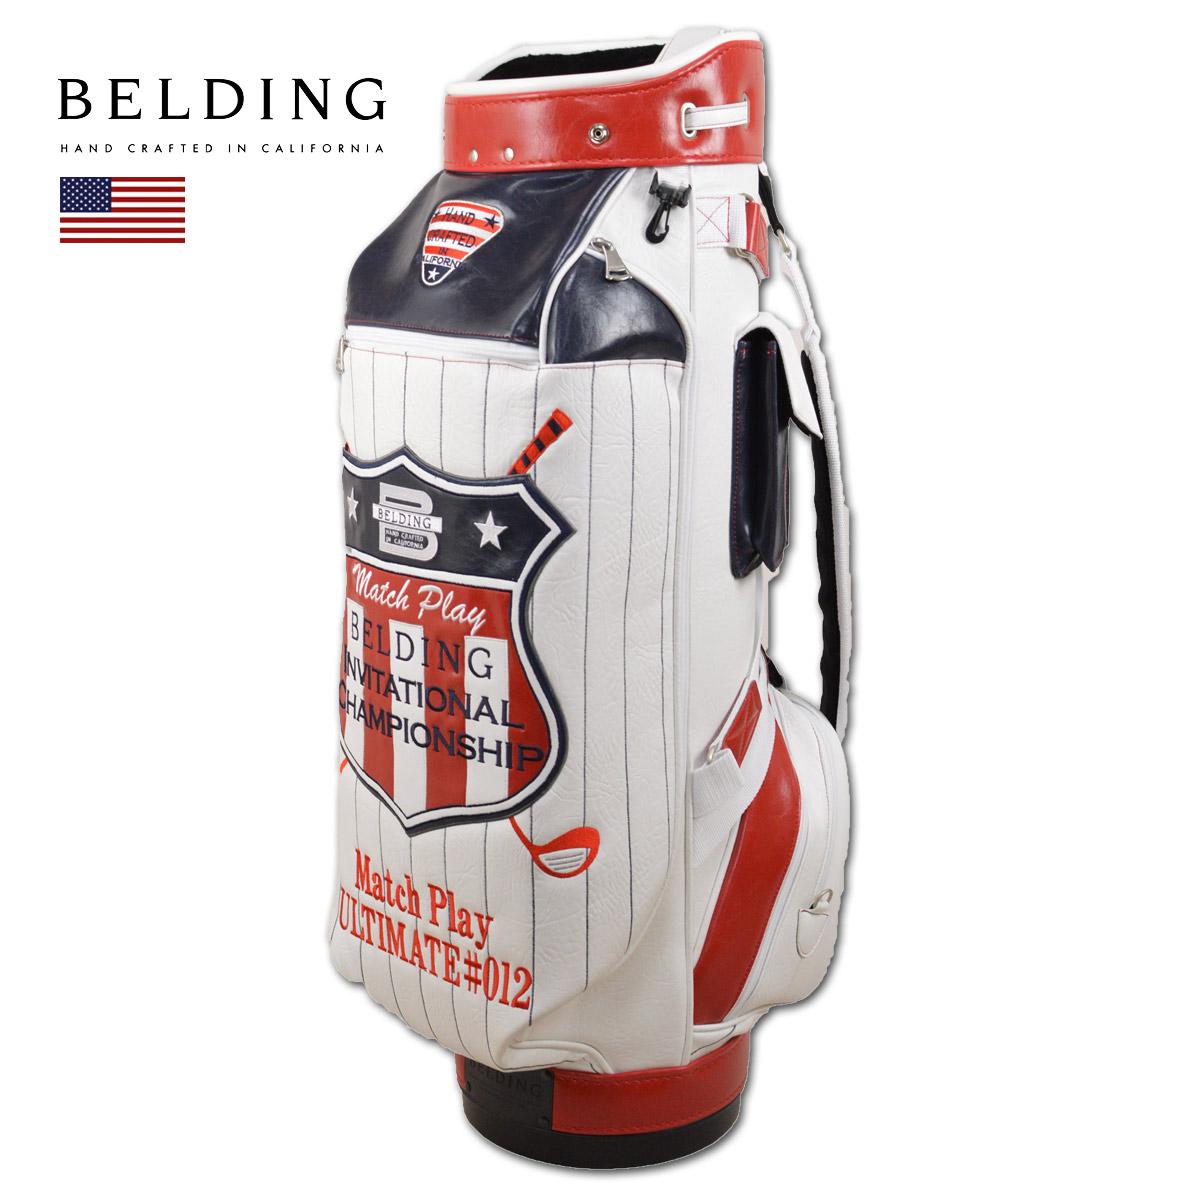 BELDING キャディバッグ メンズ 白 紺 赤 hbcb950084【 あす楽 送料無料 】[ ベルディング ゴルフ 9.5インチ 6分割 INVITATIONAL CHAMPIONSHIP MATCH PLAY FAT-B ゴルフバッグ かっこいい おしゃれ golf 高級 レア 限定 キャディーバッグ ]